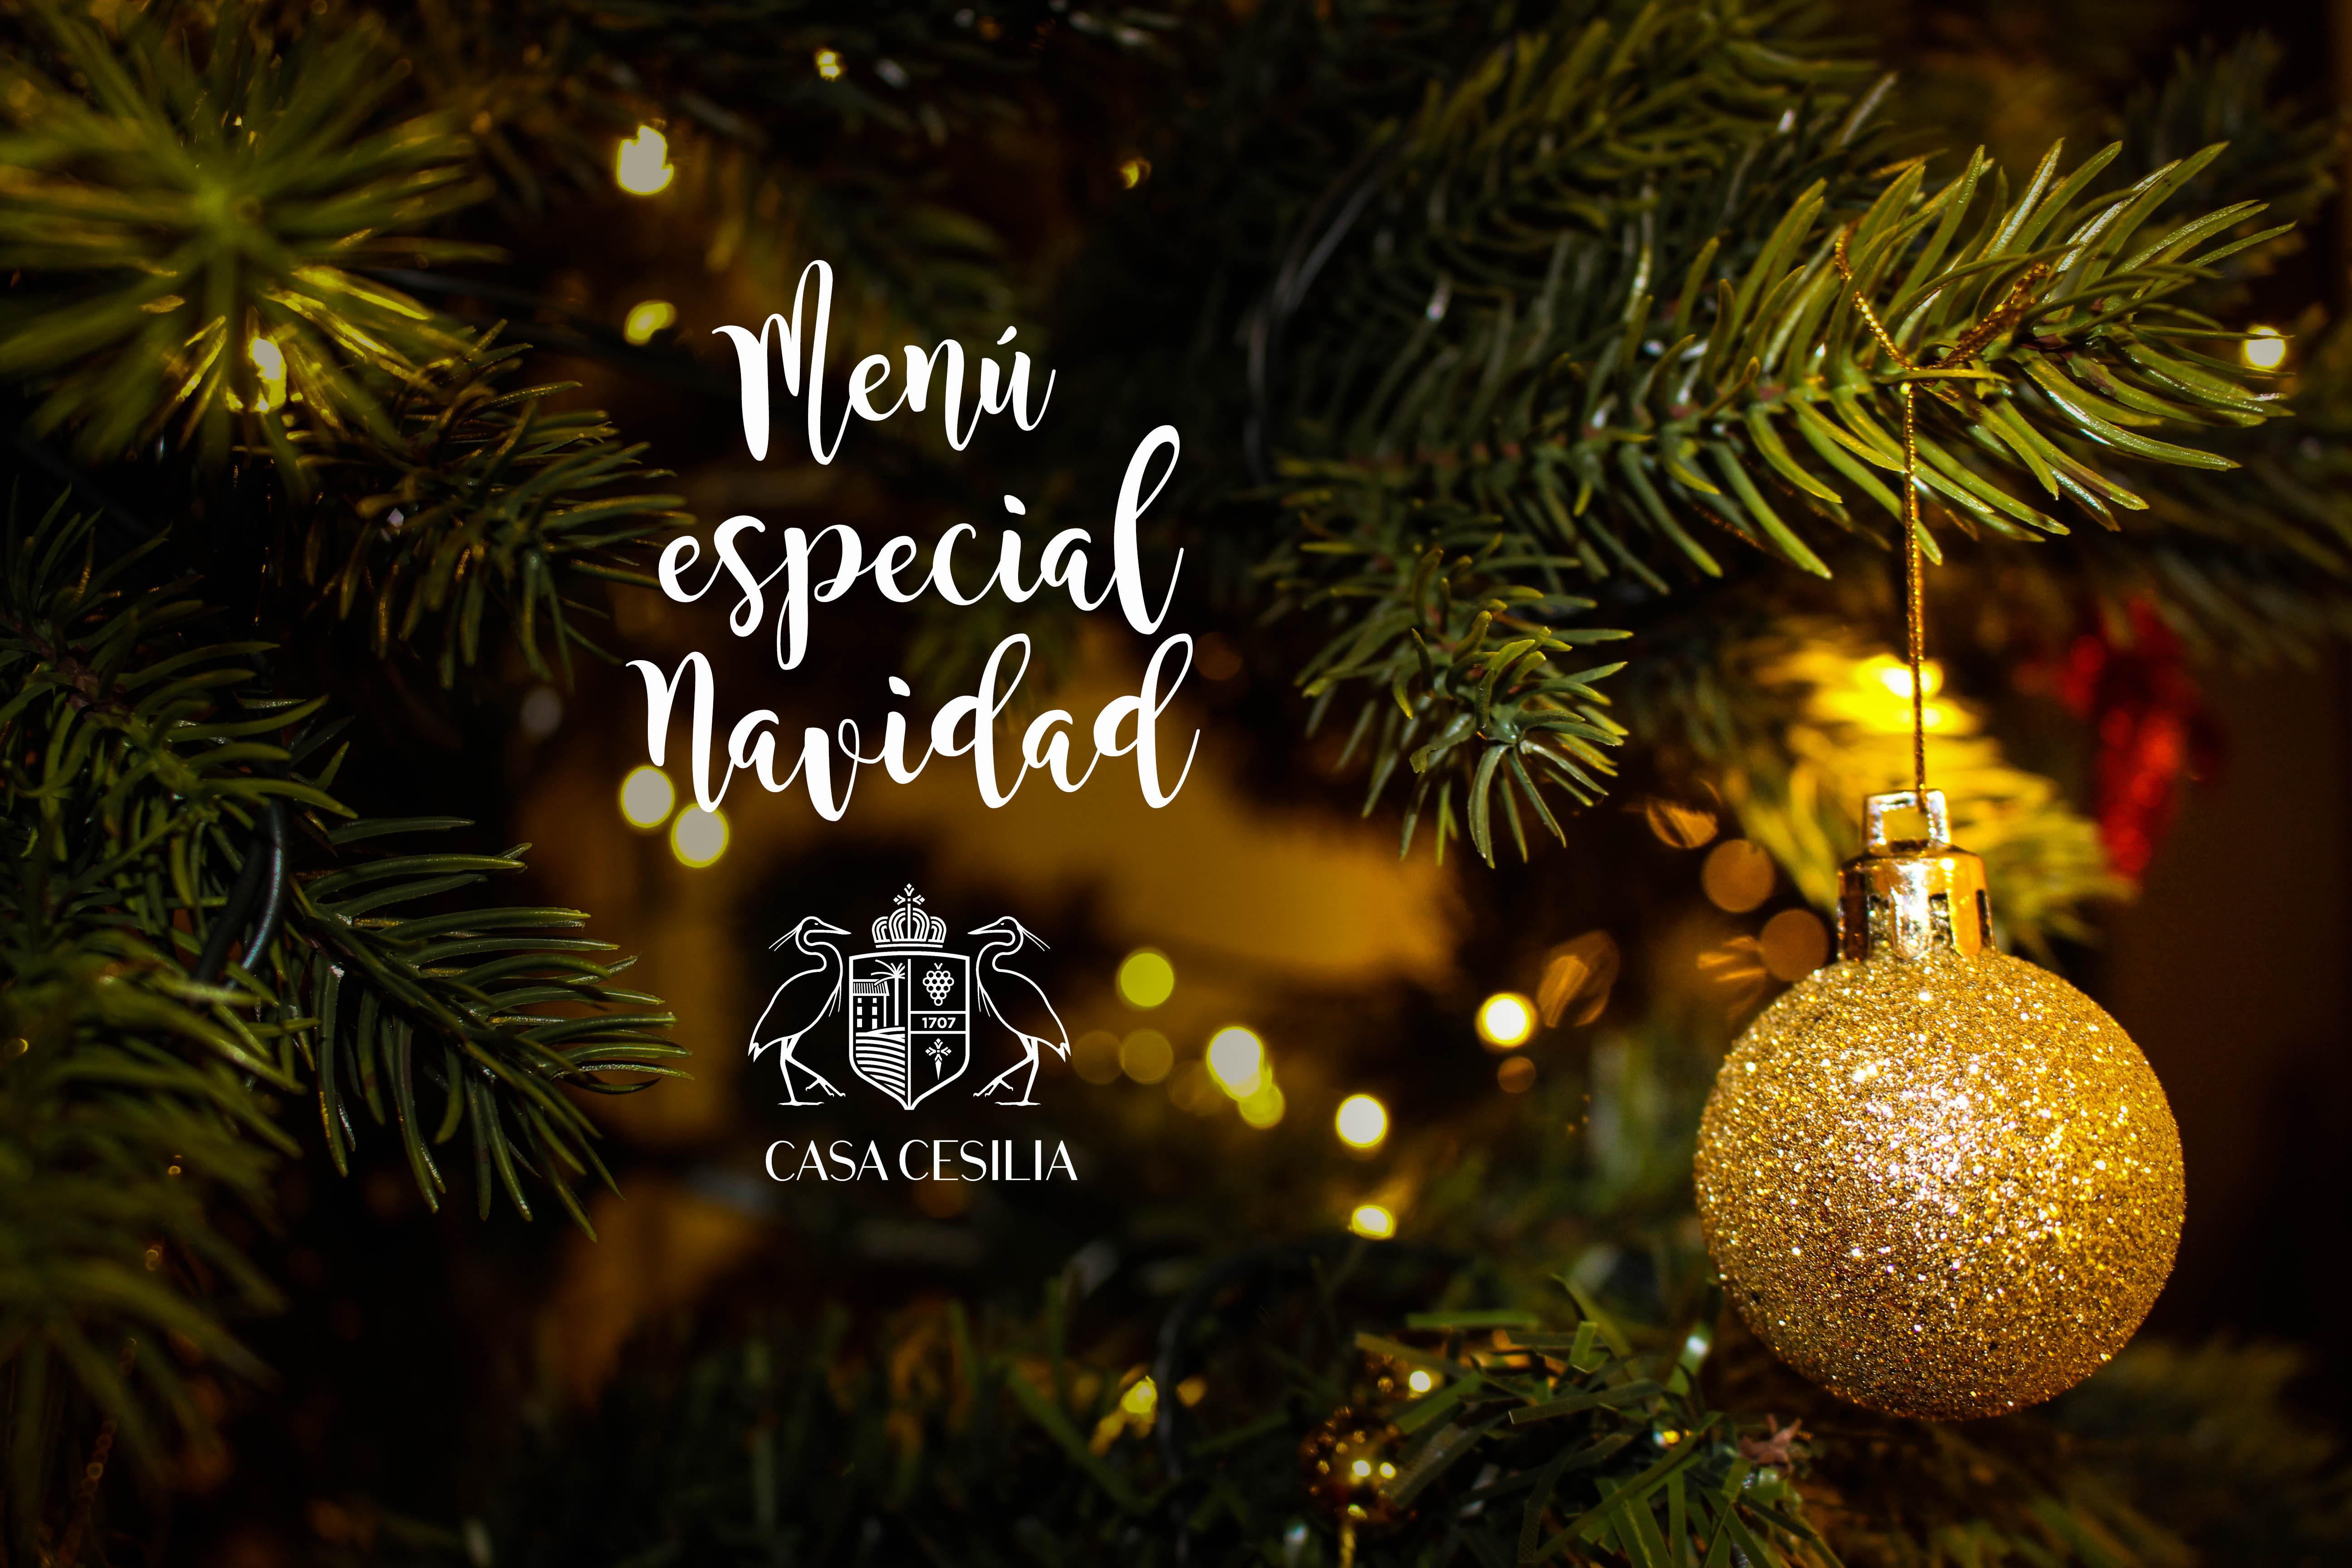 Menu especial de Navidad en Casa Cesilia